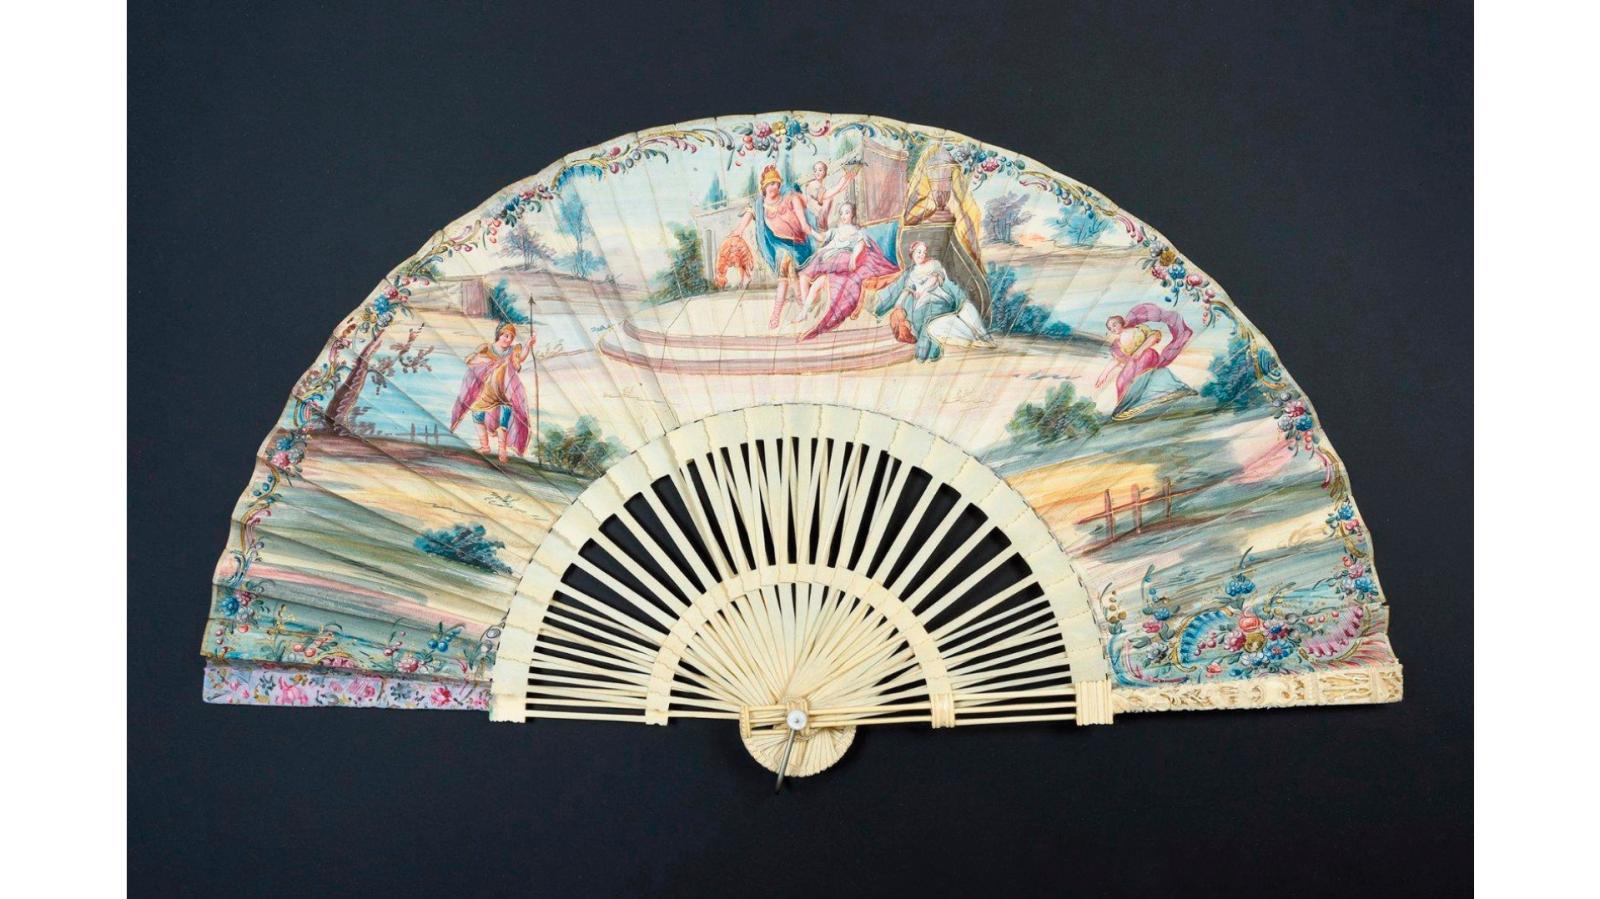 Éventail à monture dite «pagode» en ivoire, feuille peinte d'un épisode de Didon et Énée, vers 1740, 29x13cm. Acquis par la voie de la